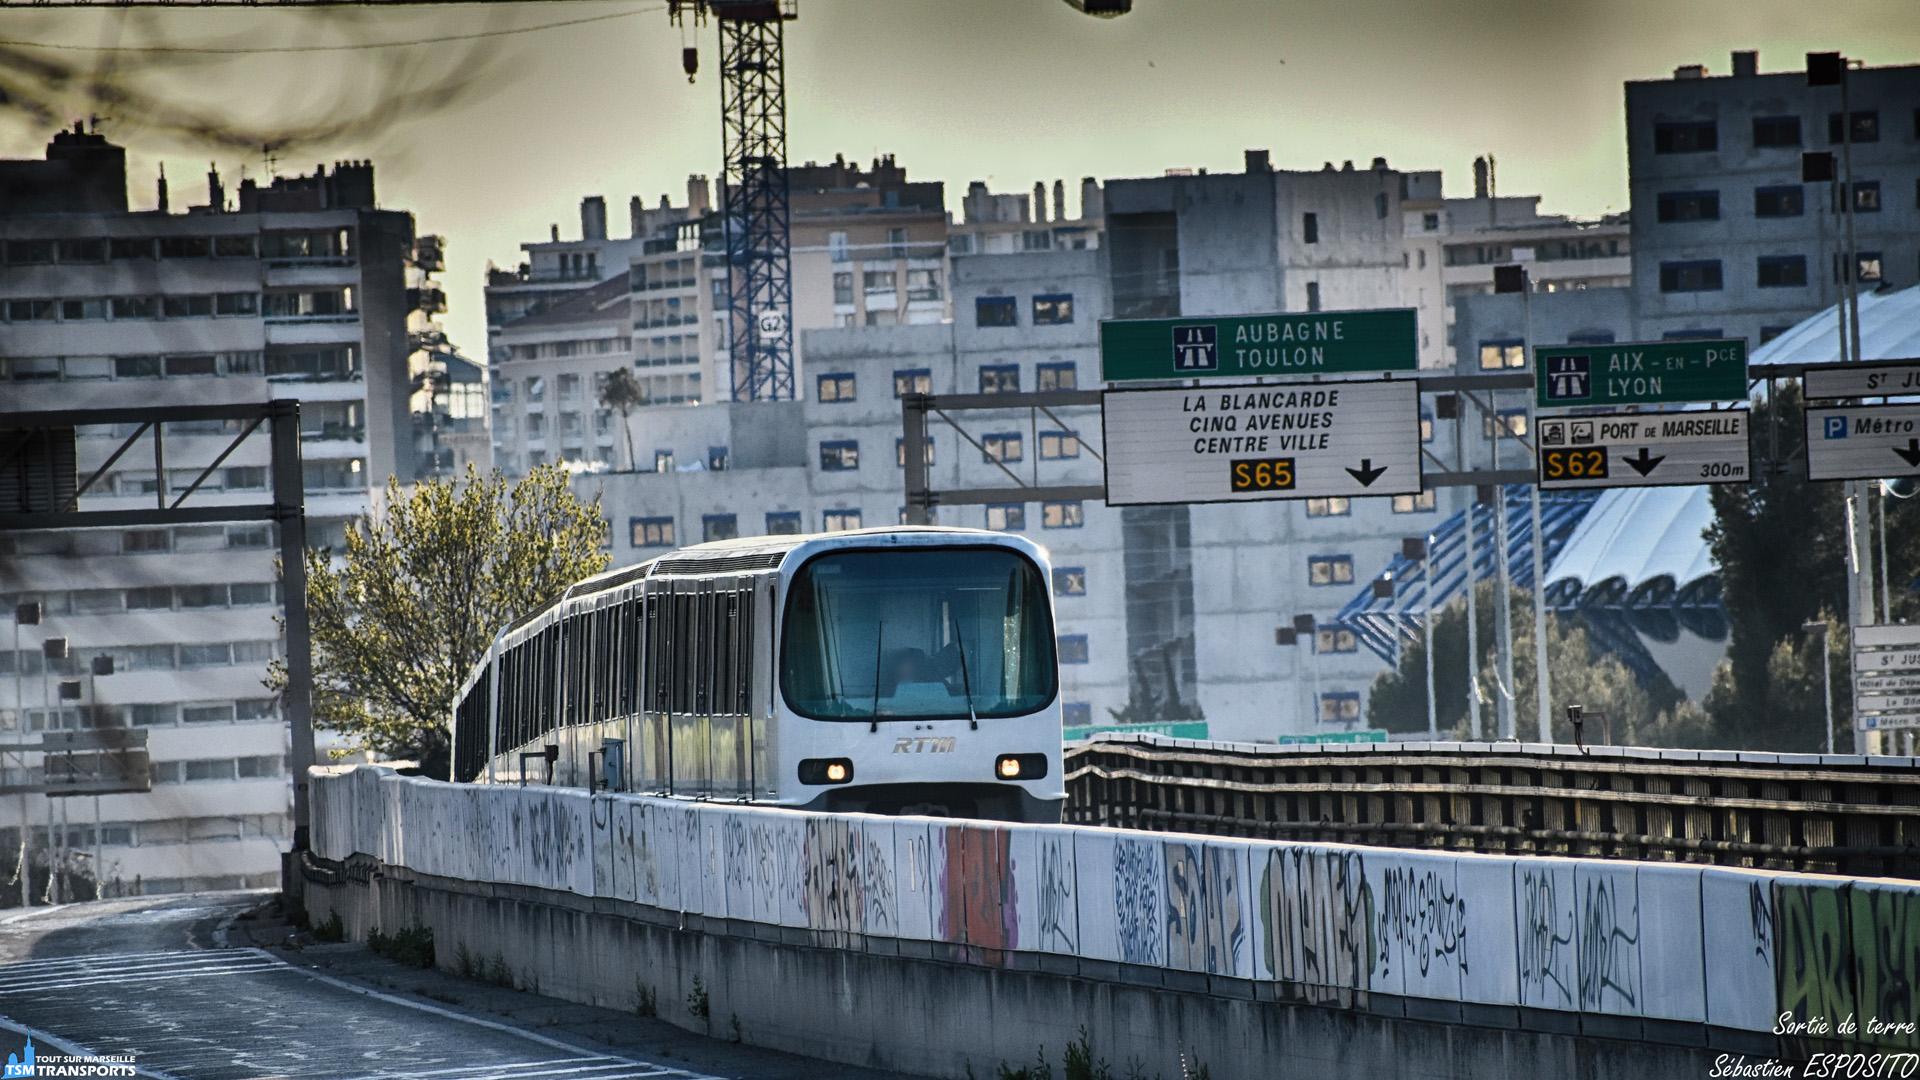 Entre quelques branches d'arbres qui peuplent les environs du spot choisi et après avoir patienté quelques secondes en heure de pointe, je shoot cette rame MPM76 sortant du tunnel de Saint Just qui débouche sur la voie aérienne de Malpassé. . ℹ️ Alsthom MPM76 (MB13 - RB07 - NB07 - MB14) RTM. . 📍 Avenue Jean Paul Sartre, 13eme arrondissement de Marseille. . ↔️ M1 : La Rose - La Fourragère. . 📏 Distance du shoot : 310 mètres. . 📸 Nikon D5600. . 📷 Nikkor 70-300mm. . 📅 20 Mars 2019 à 17:31. . 👨 Sébastien ESPOSITO.